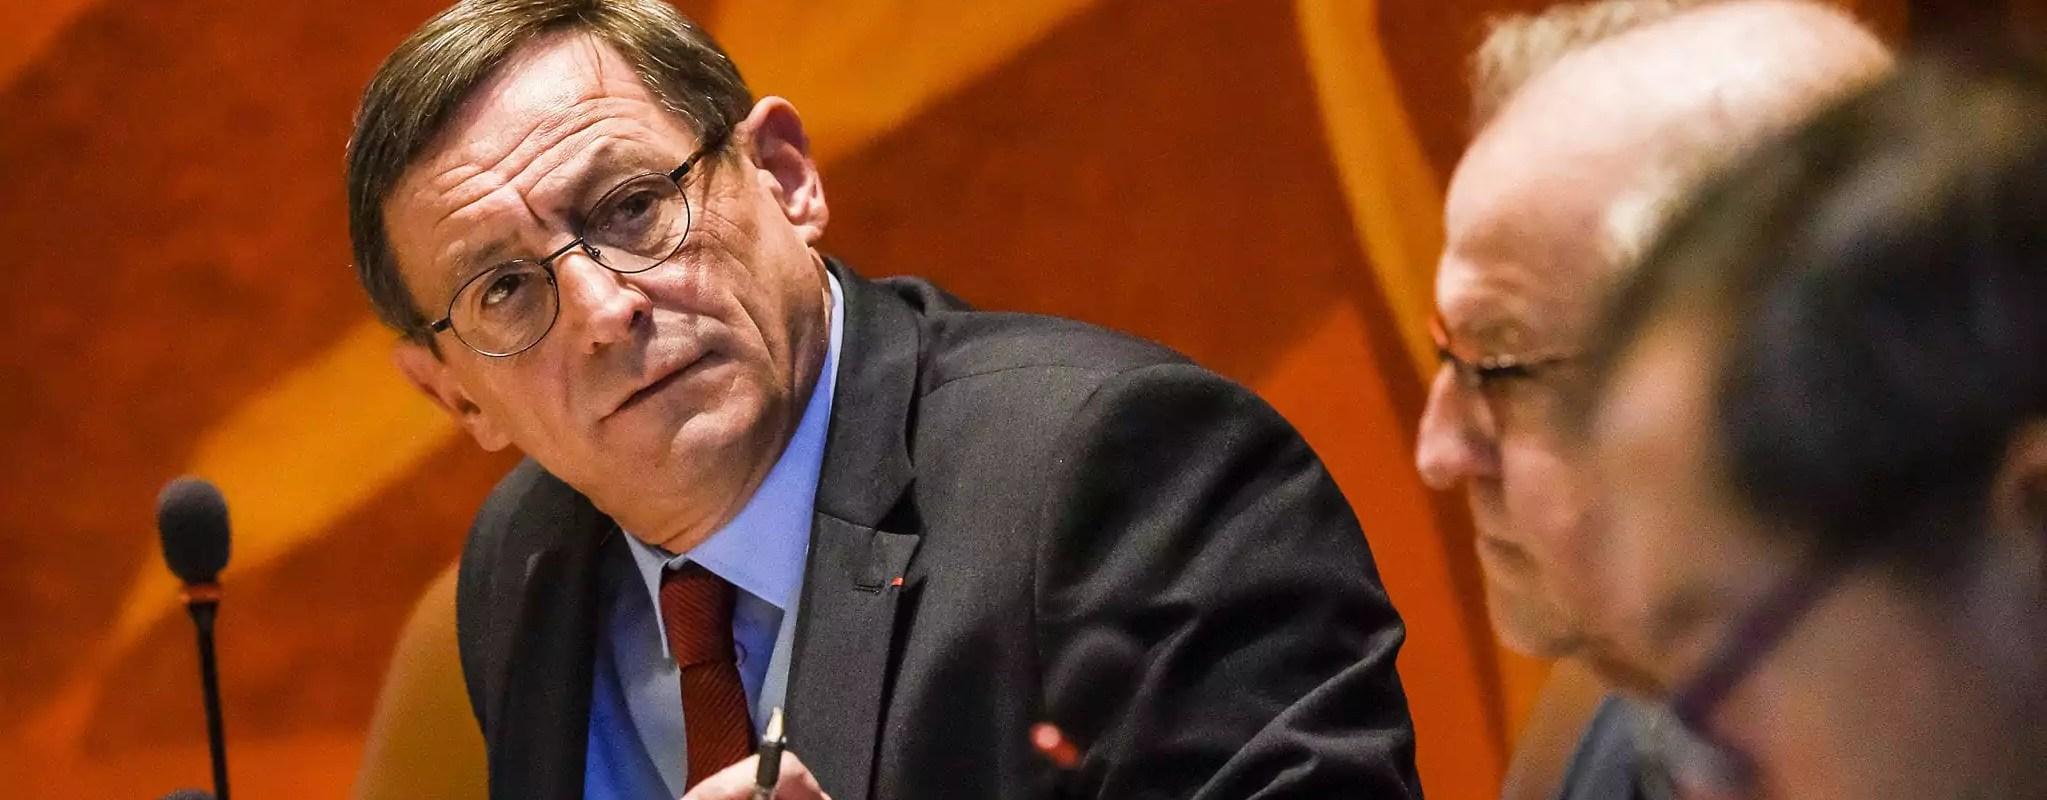 Au tour de l'Eurométropole de tenir son conseil de crise